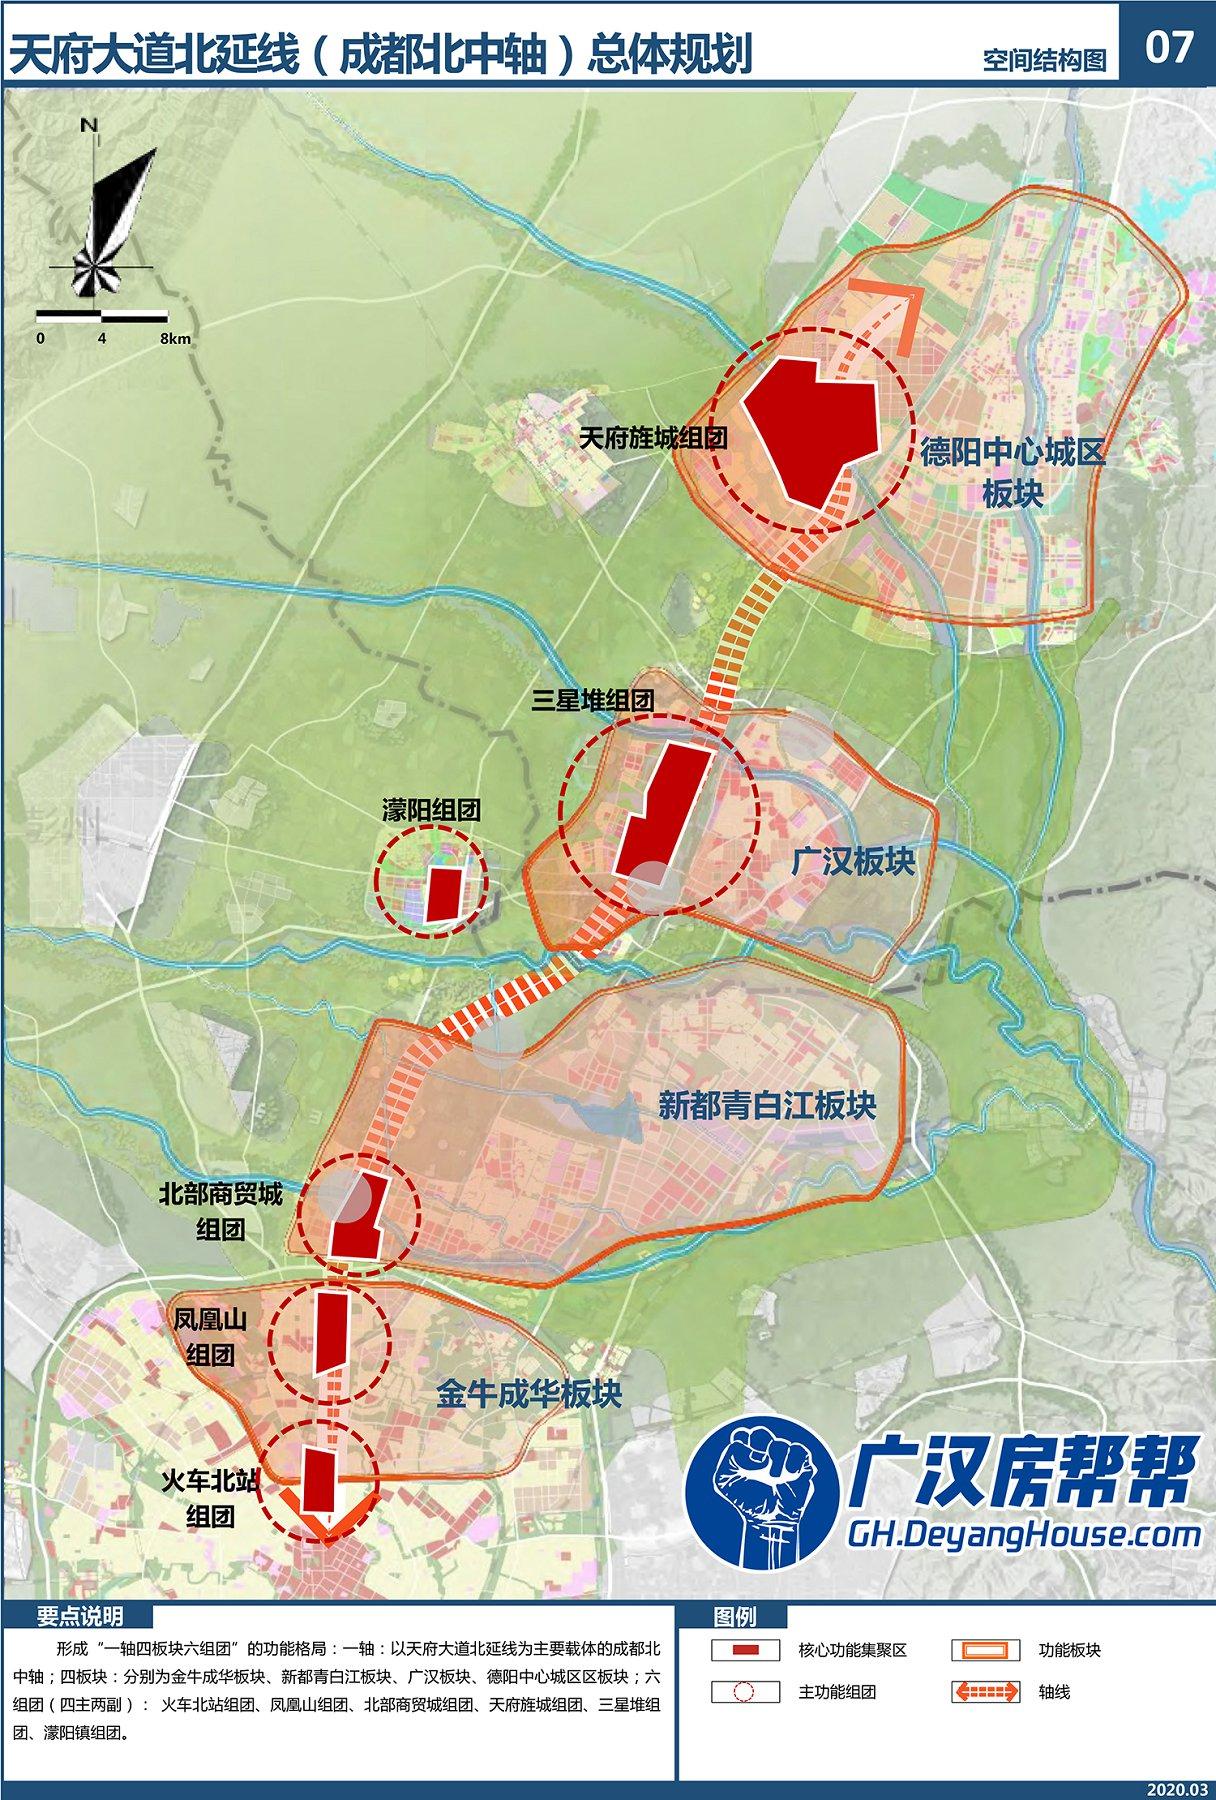 天府大道北中轴德阳段总体规划研究图集-7.jpg